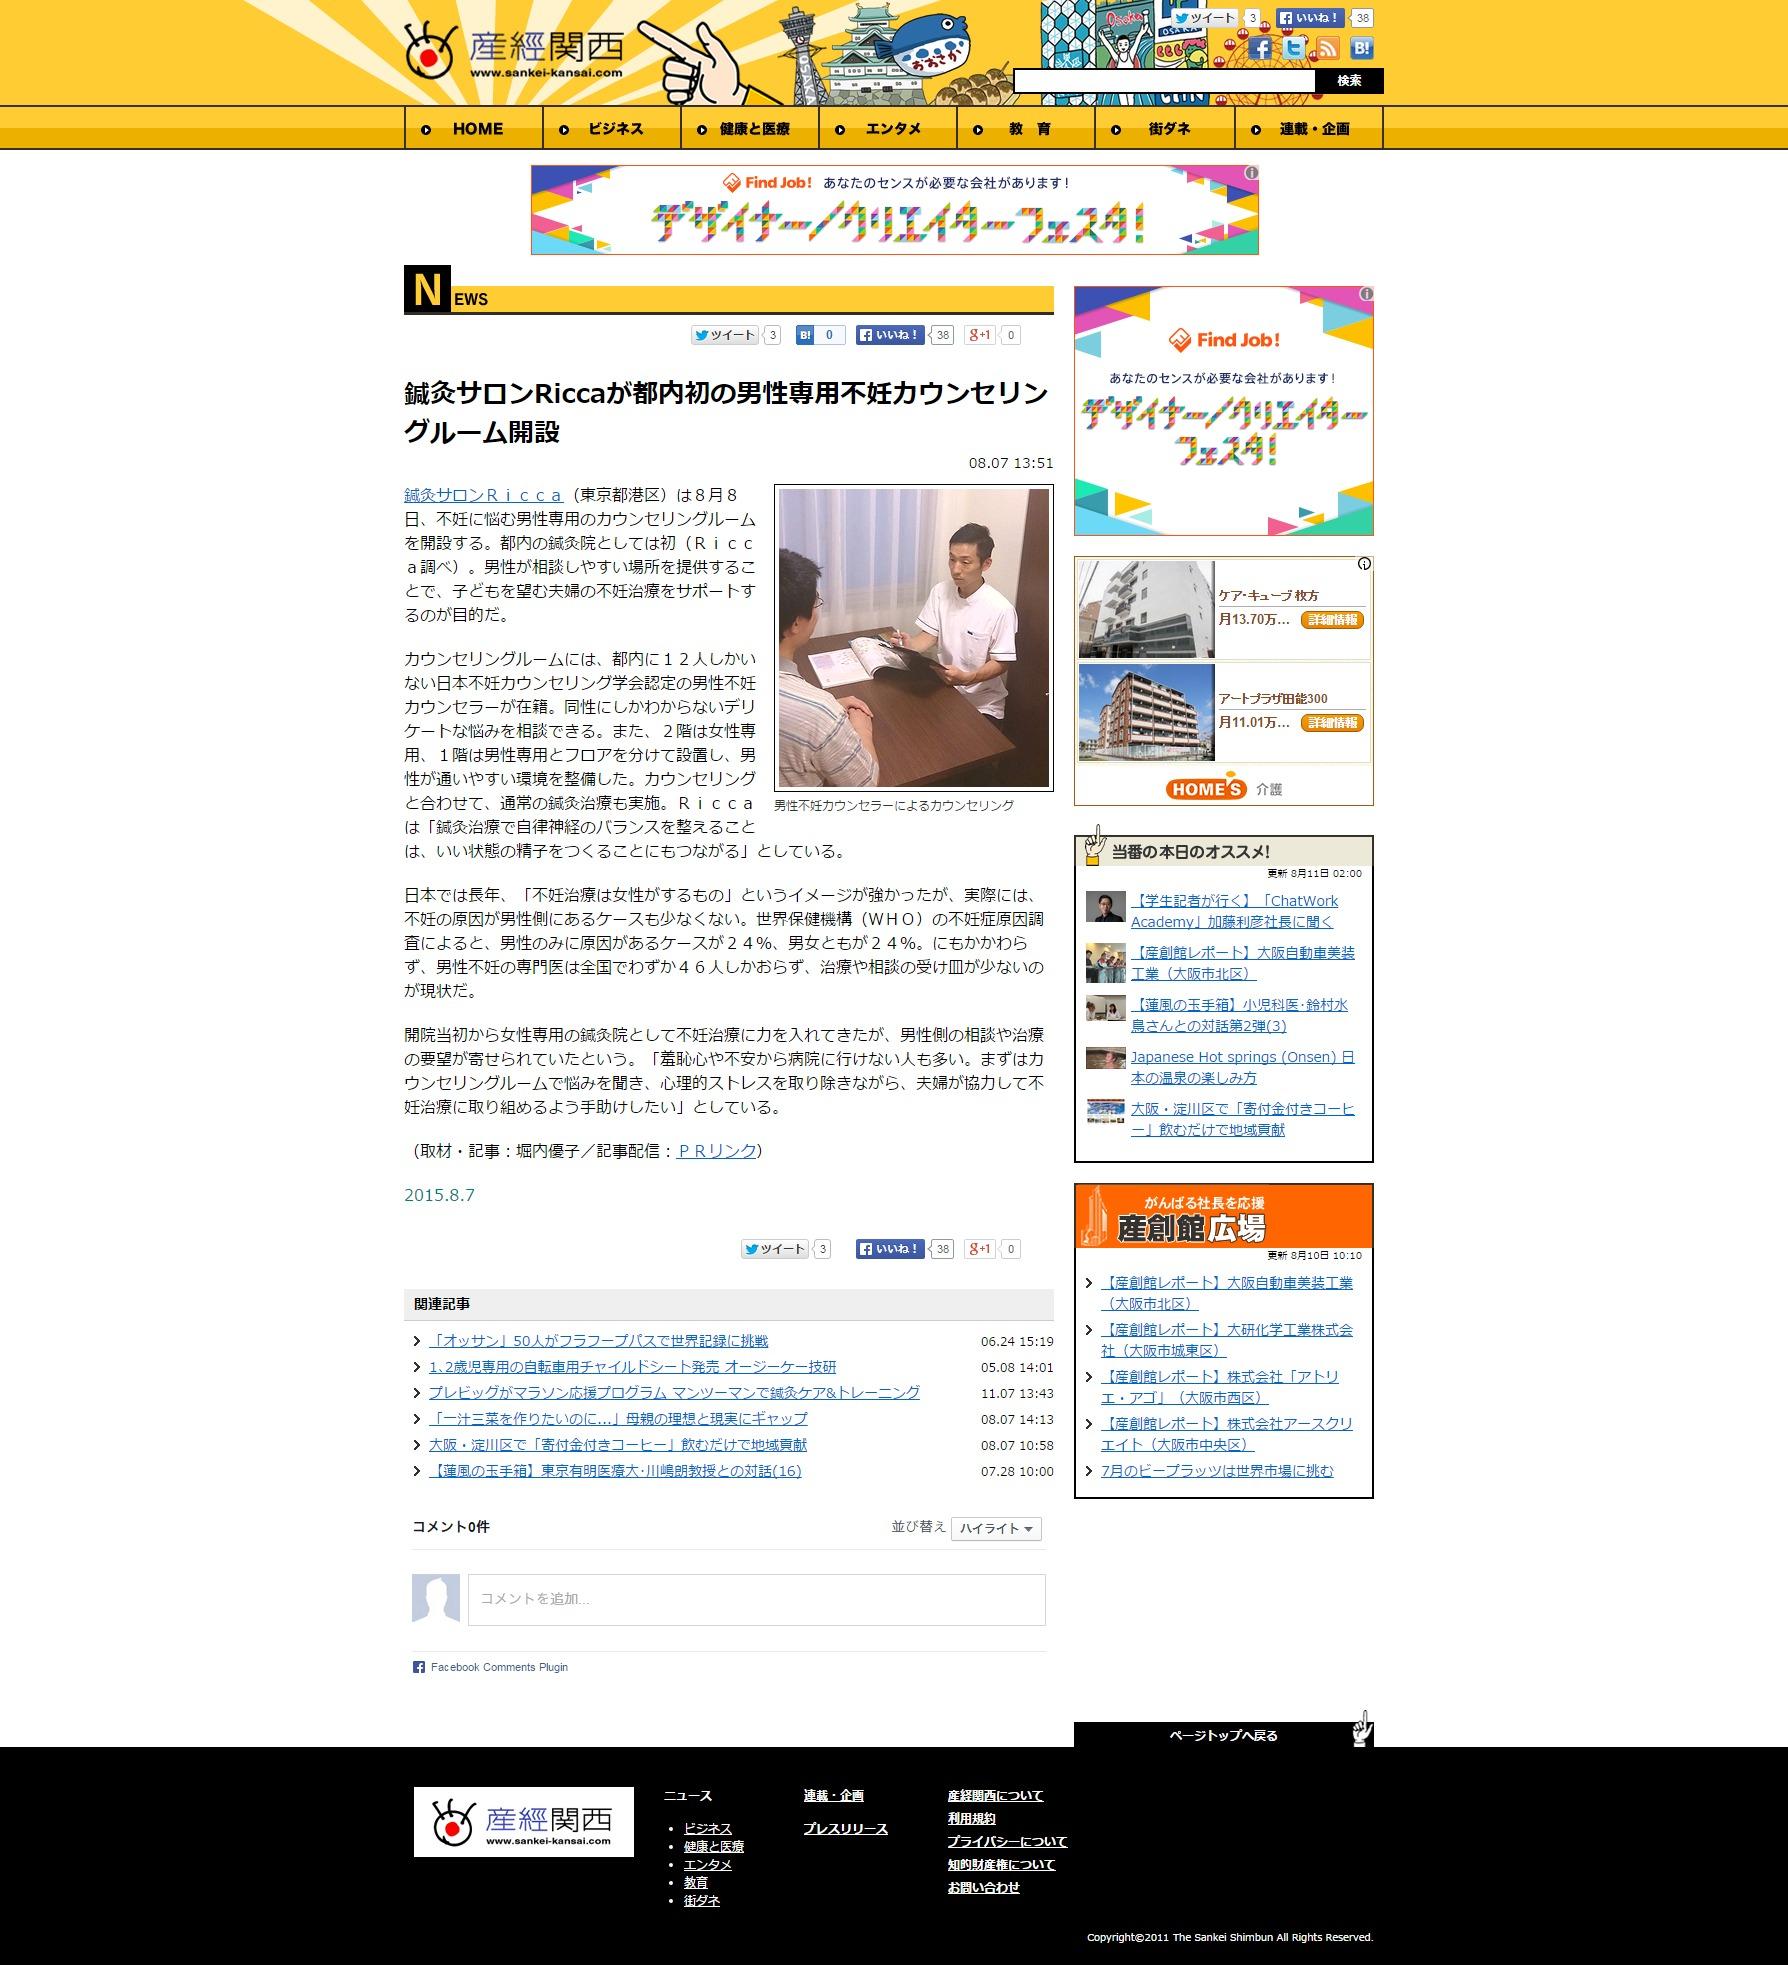 鍼灸サロンRiccaが都内初の男性専用不妊カウンセリングルーム開設:産経関西(産経新聞大阪本社情報サイト)